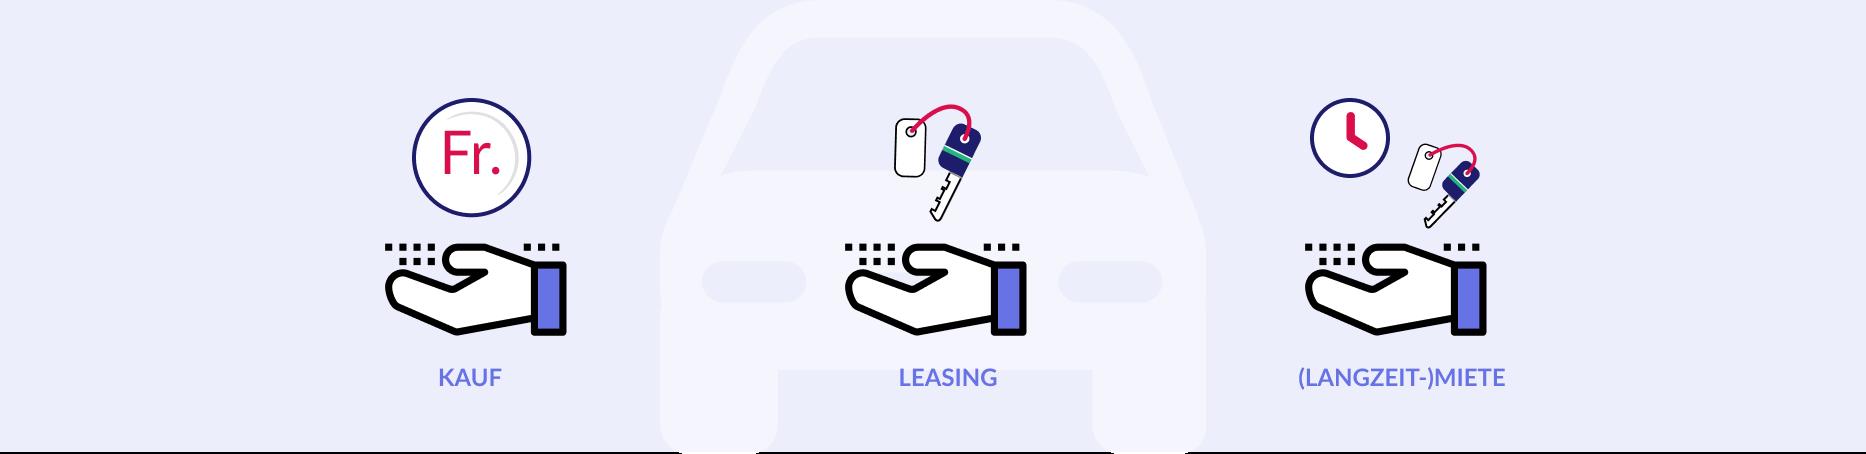 Geschäftsauto im Vergleich Kauf, Leasing oder (Langzeit-) Miete